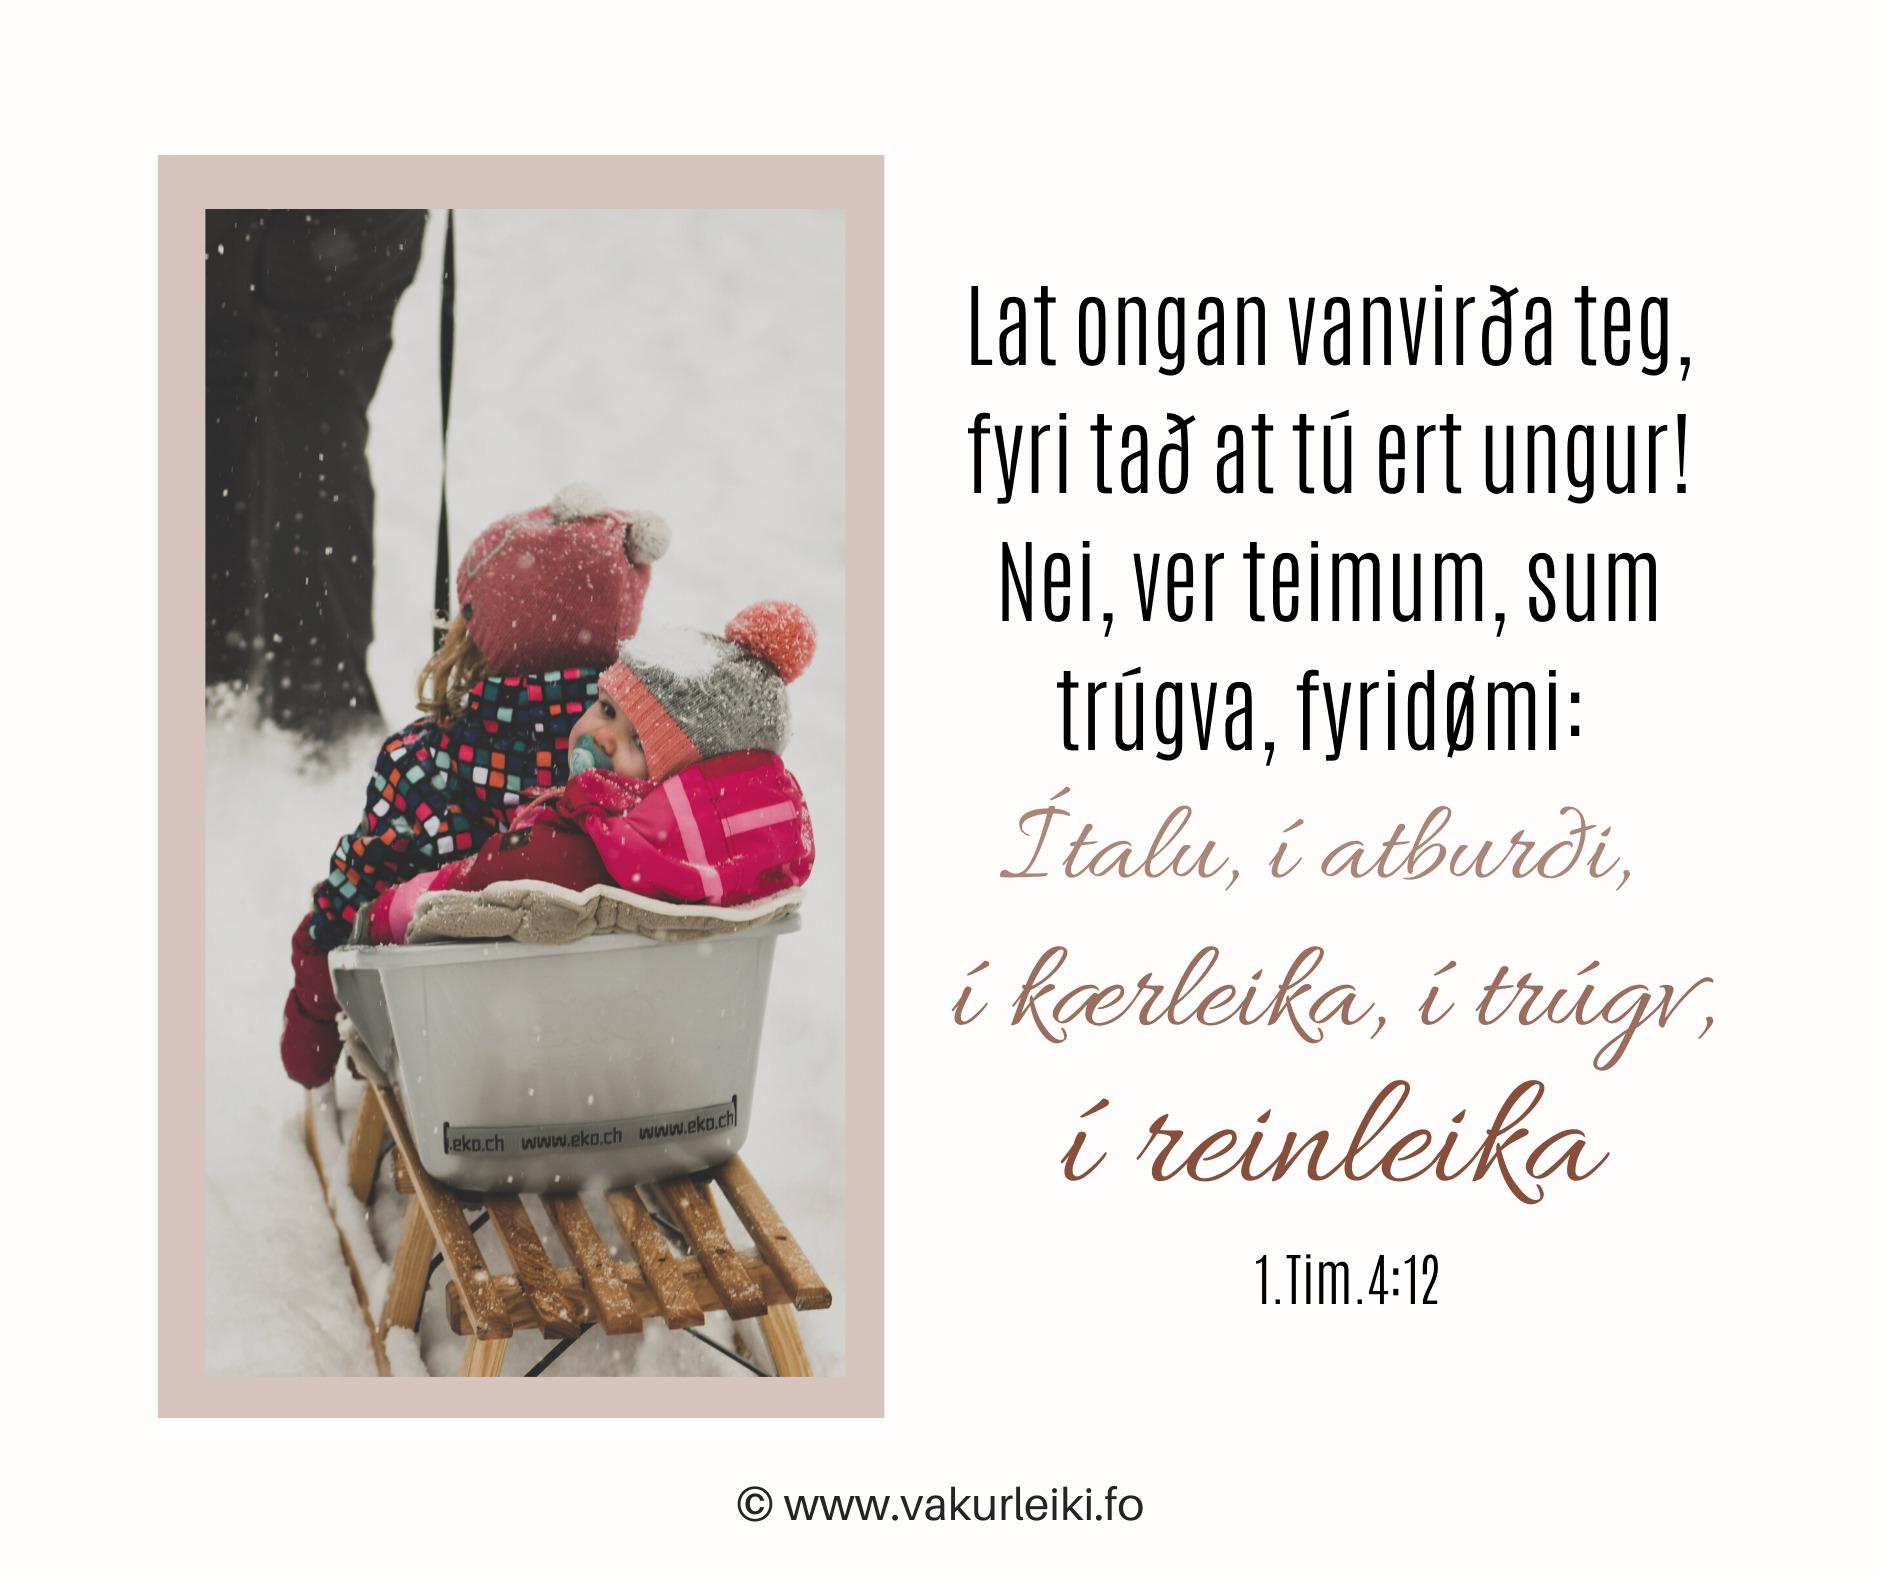 Lat ongan vanvirða teg, fyri tað at tú ert ungur! Nei, ver teimum, sum trúgva, fyridømi: